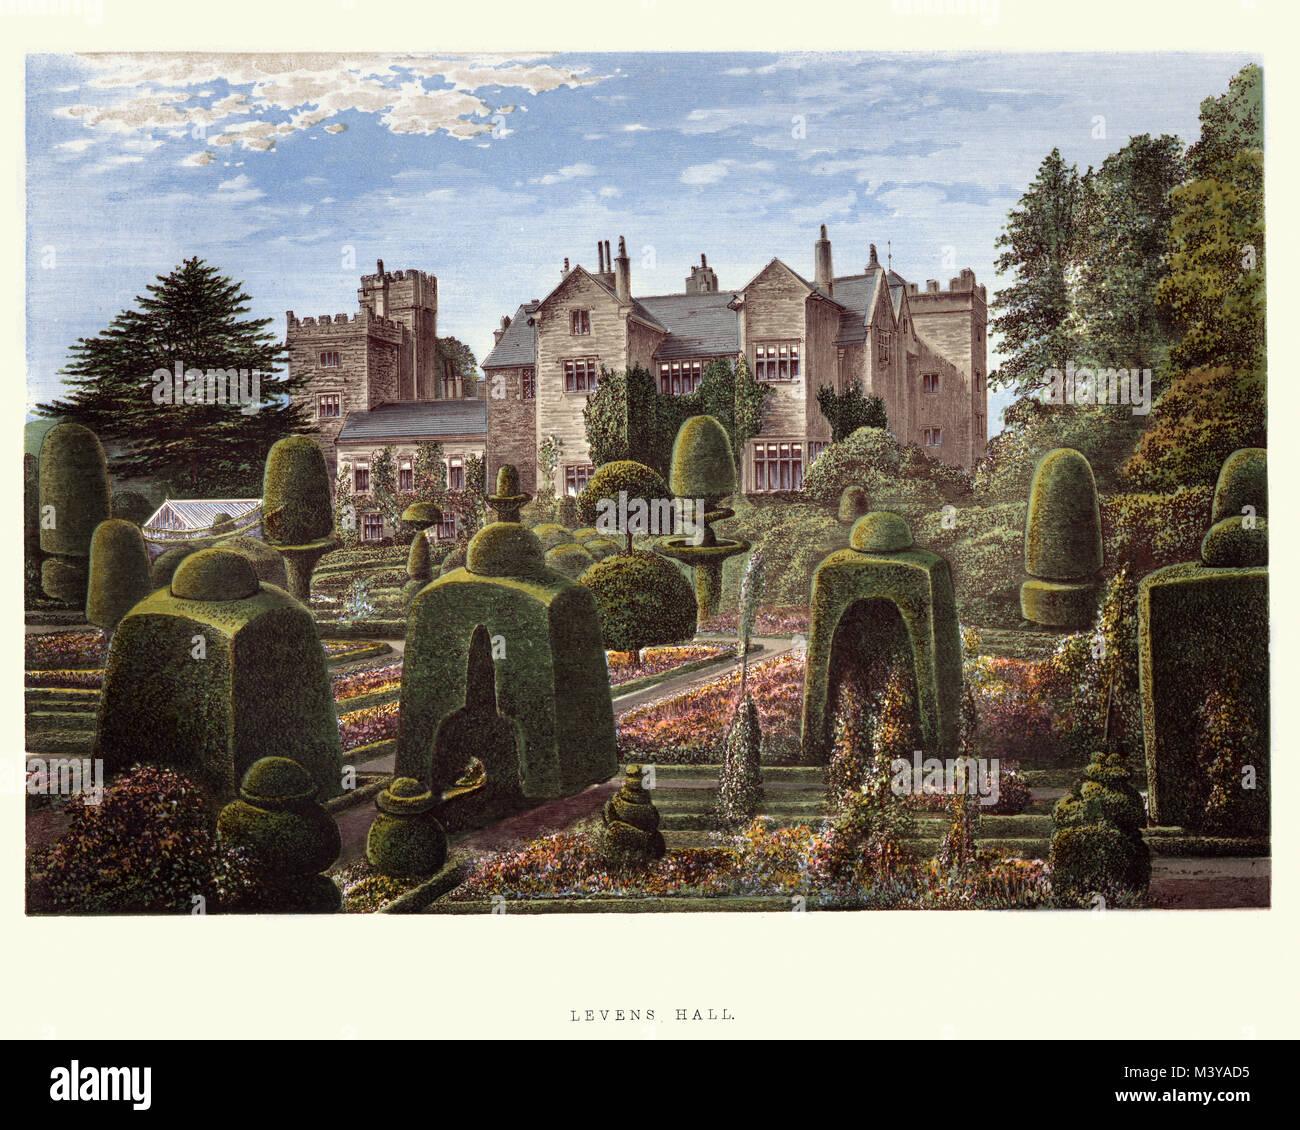 Vintage grabado de Levens Hall es una casa solariega en el valle de Kent, cerca de la aldea de Levens y a 5 millas Imagen De Stock